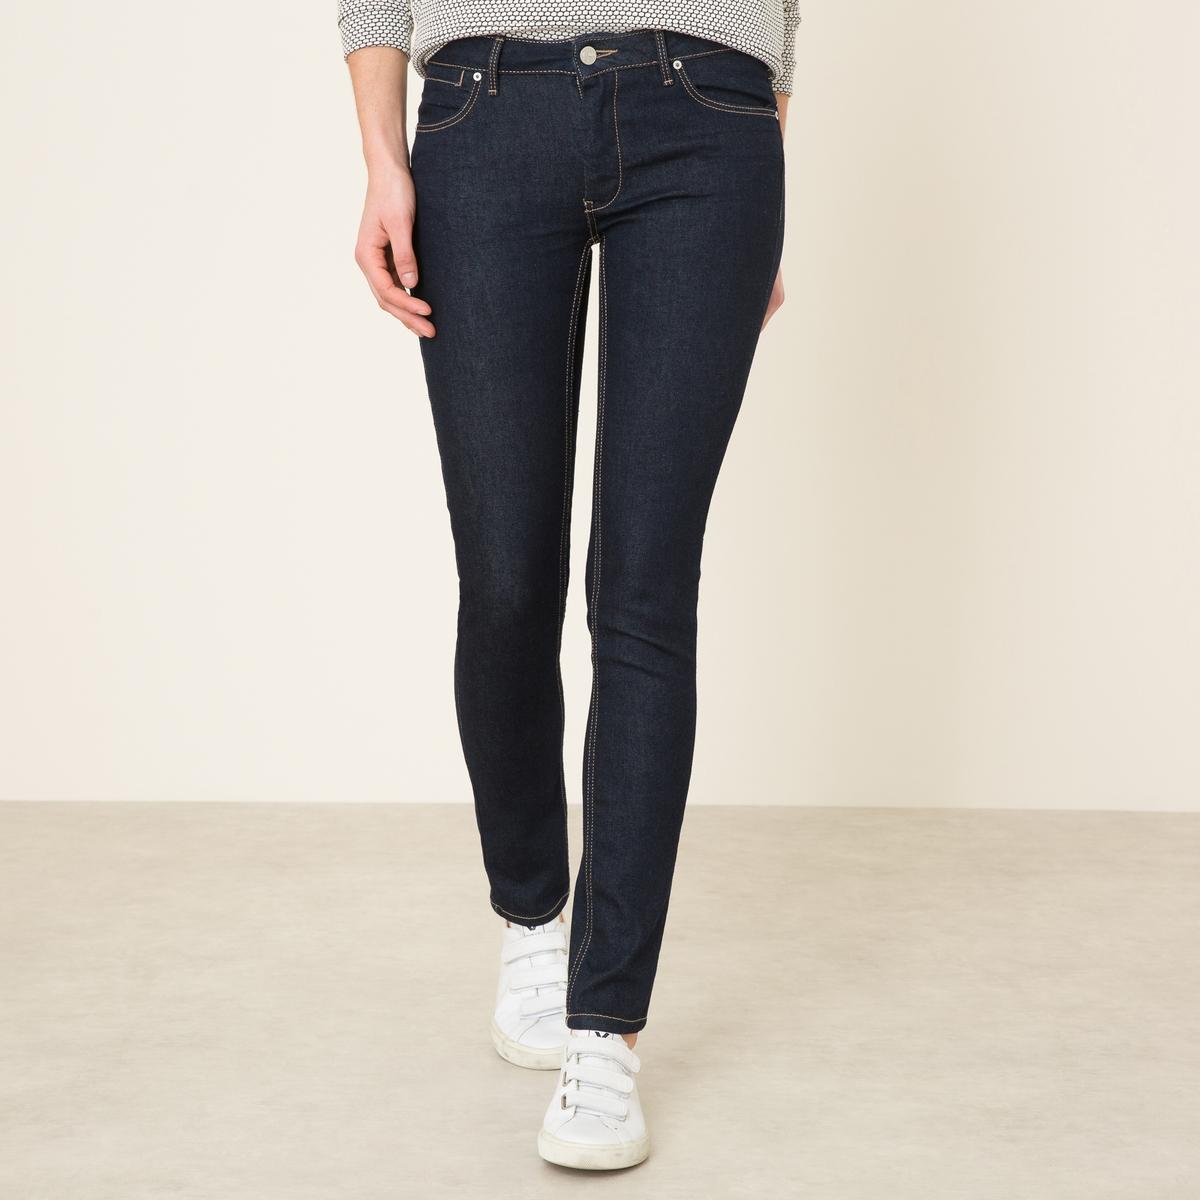 Джинсы скинни NELLY джинсы скинни с вышивкой 3 12 лет